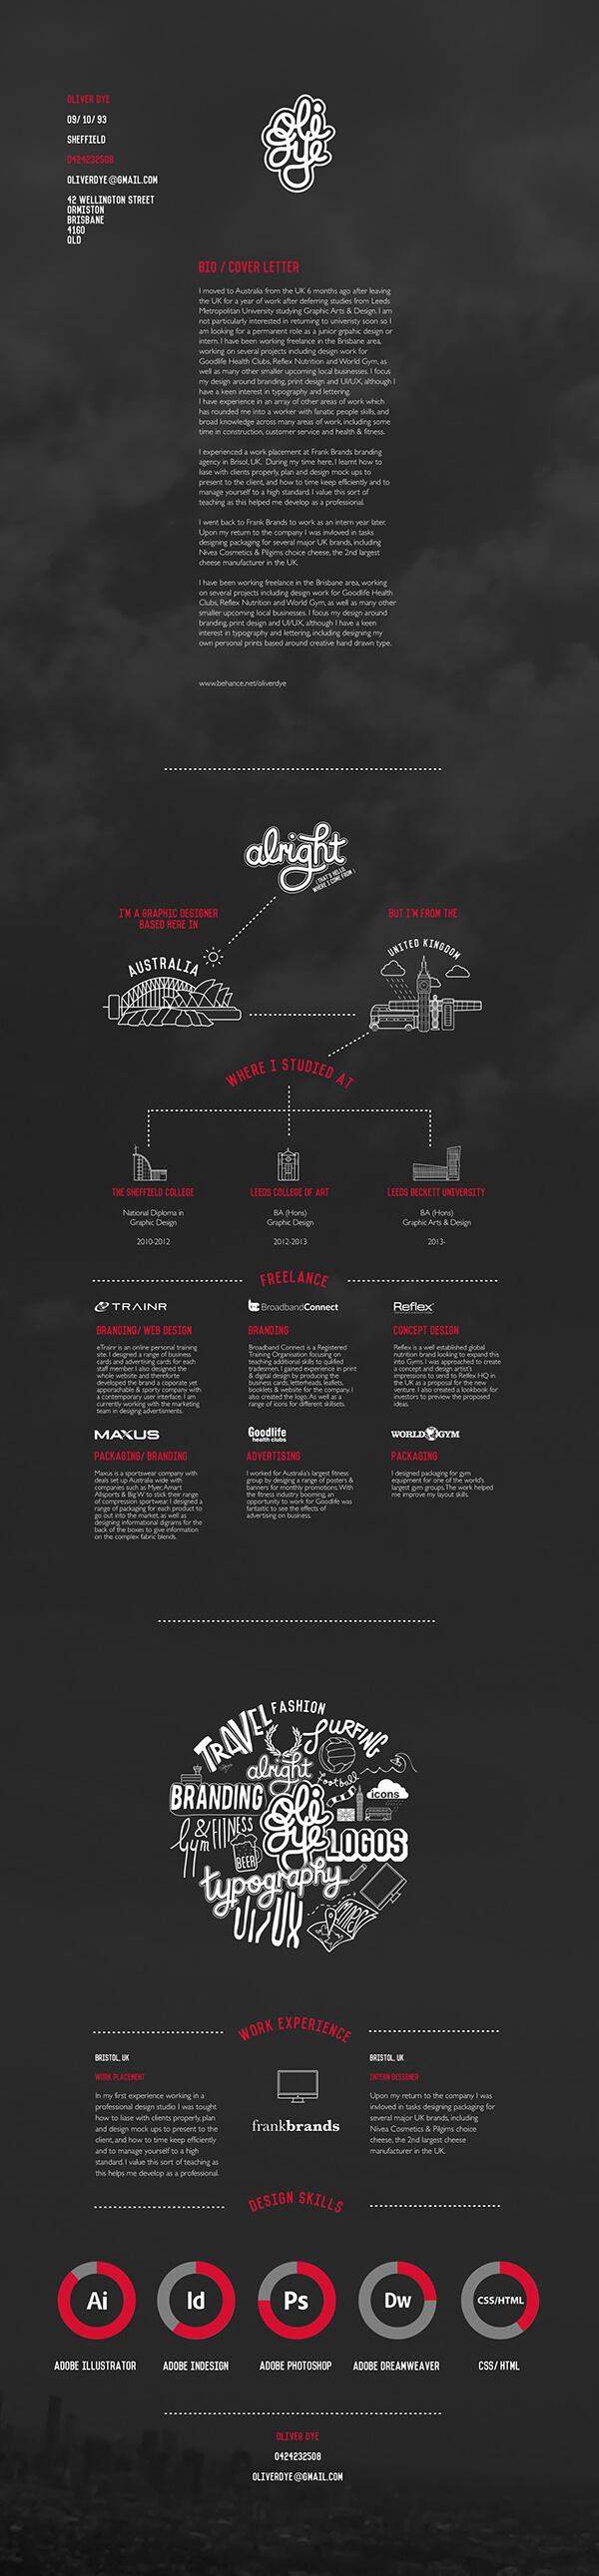 Oliver Roye, infographic CV, infographic, graphics, graphic designer, film set, film, cv, resume, curriculum vitae, original cv, 2015, UK, Australia